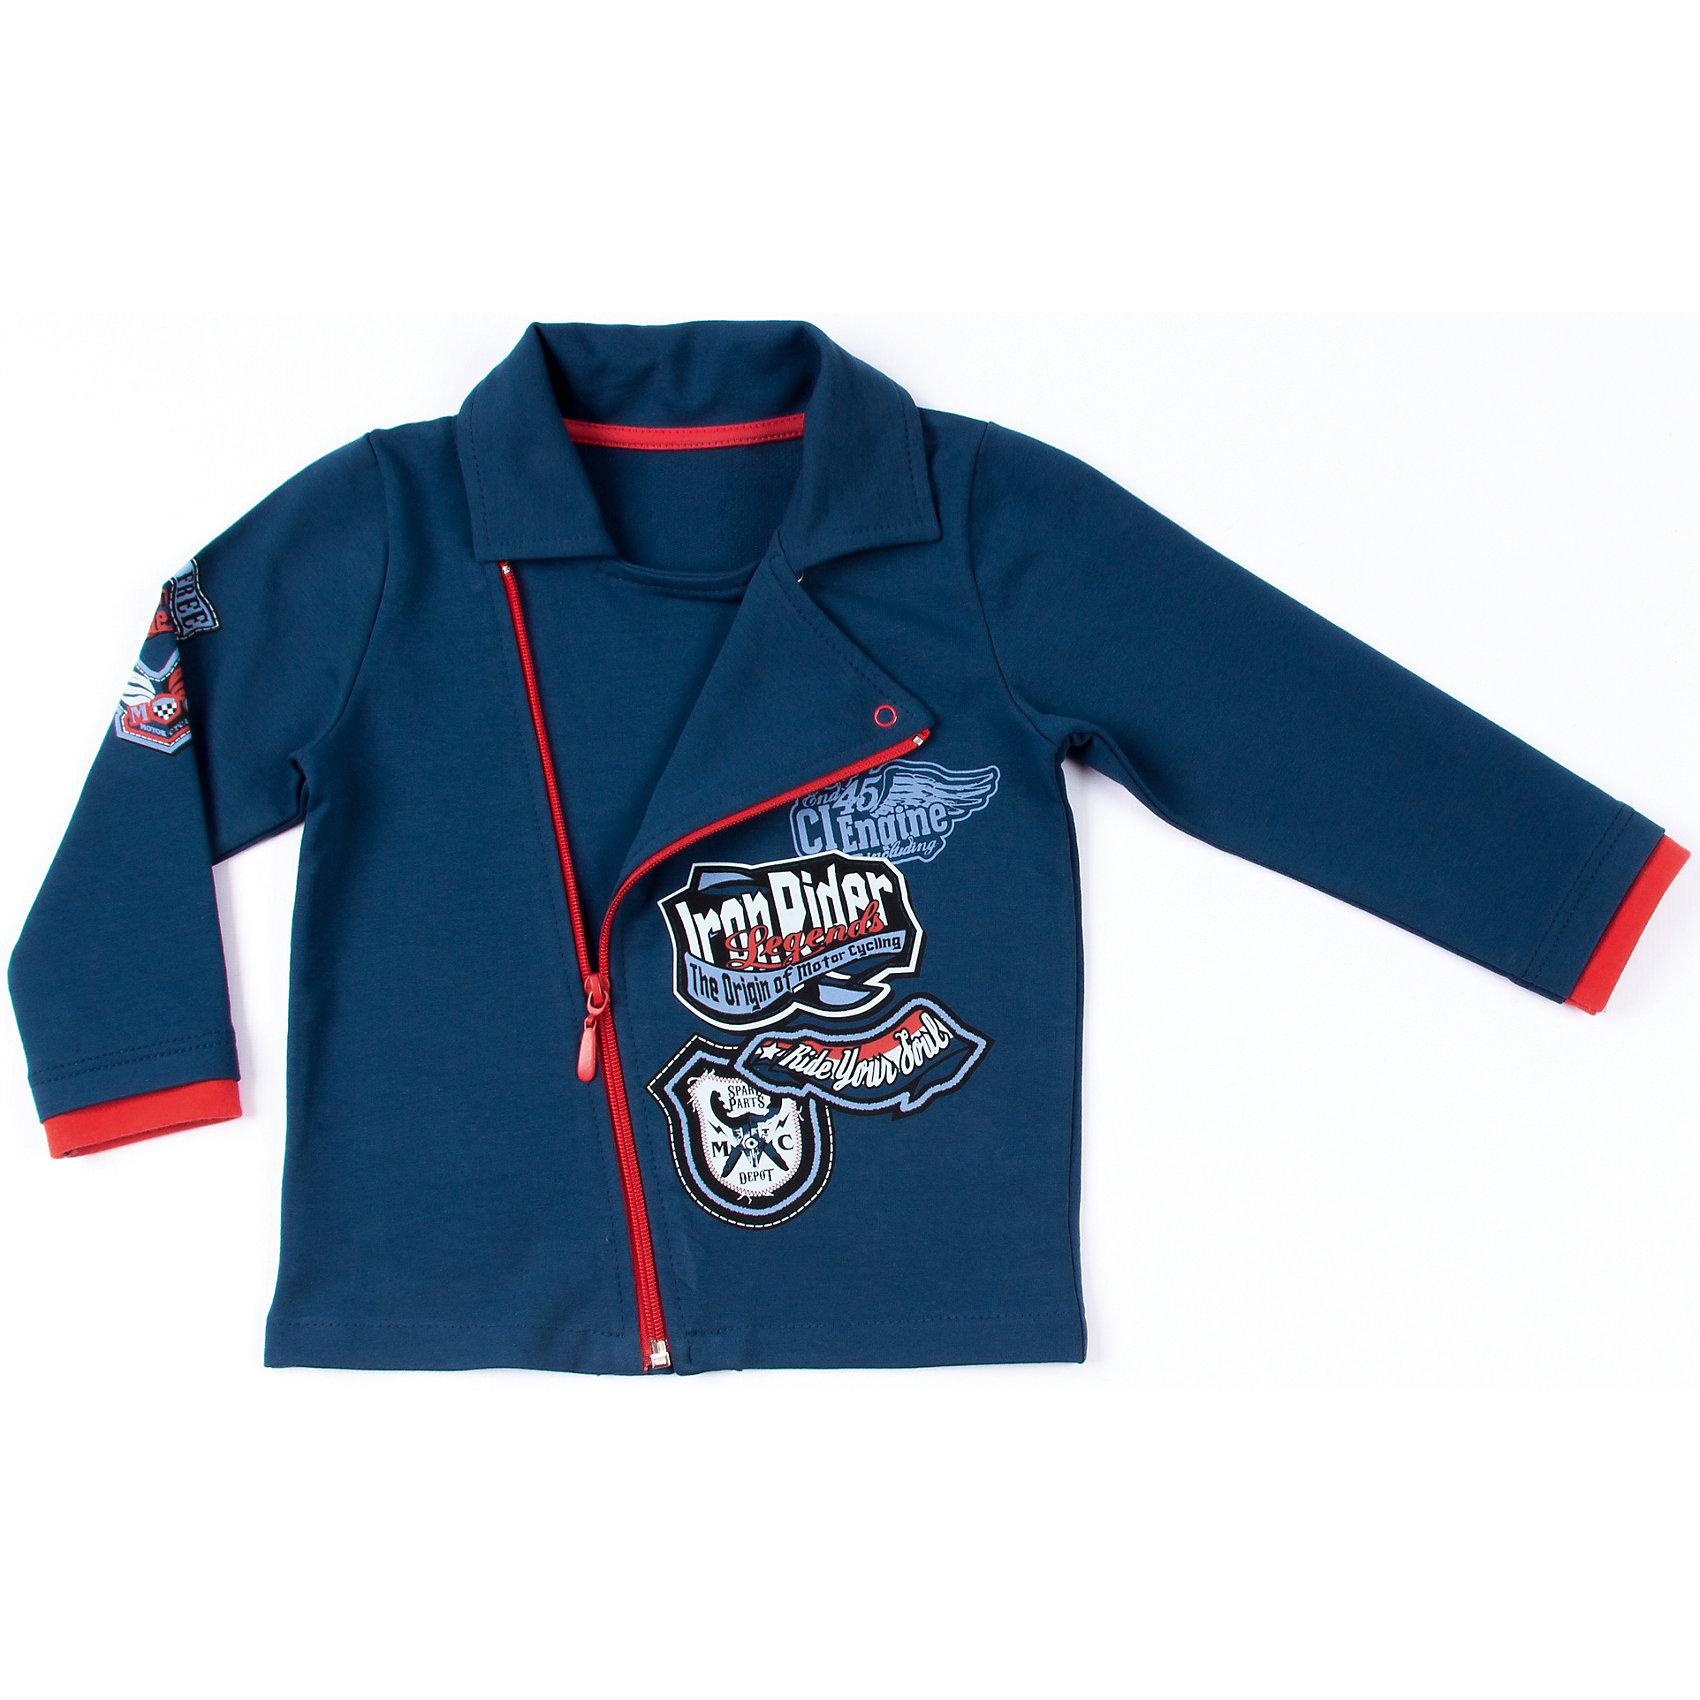 Толстовка для мальчика АпрельКуртка Апрель<br>Куртка из коллекции Маленький байкер от торговой марки Апрель - идеальный вариант одежды на каждый день в прохладное время года. Стильная куртка выполнена в синем цвете, украшена оригинальным принтом в байкерском стиле. Куртка застегивается на молнию. Изготовлена из натуральной хлопчатобумажной ткани – футер. Футер - это удивительно комфортная гладкая с внешней стороны, мягкая и нежная - с внутренней стороны ткань. Небольшое добавление лайкры оберегает изделие от образования складок.<br><br>Дополнительная информация:<br><br>- Пол: мальчик<br>- Цвет: синий<br>- Ткань: футер петельчатый<br>- Состав: 95% хлопок, 5% лайкра<br><br>Куртку Апрель можно купить в нашем интернет-магазине.<br><br>Ширина мм: 215<br>Глубина мм: 88<br>Высота мм: 191<br>Вес г: 336<br>Цвет: синий<br>Возраст от месяцев: 12<br>Возраст до месяцев: 18<br>Пол: Мужской<br>Возраст: Детский<br>Размер: 86,98,110,104<br>SKU: 4726395